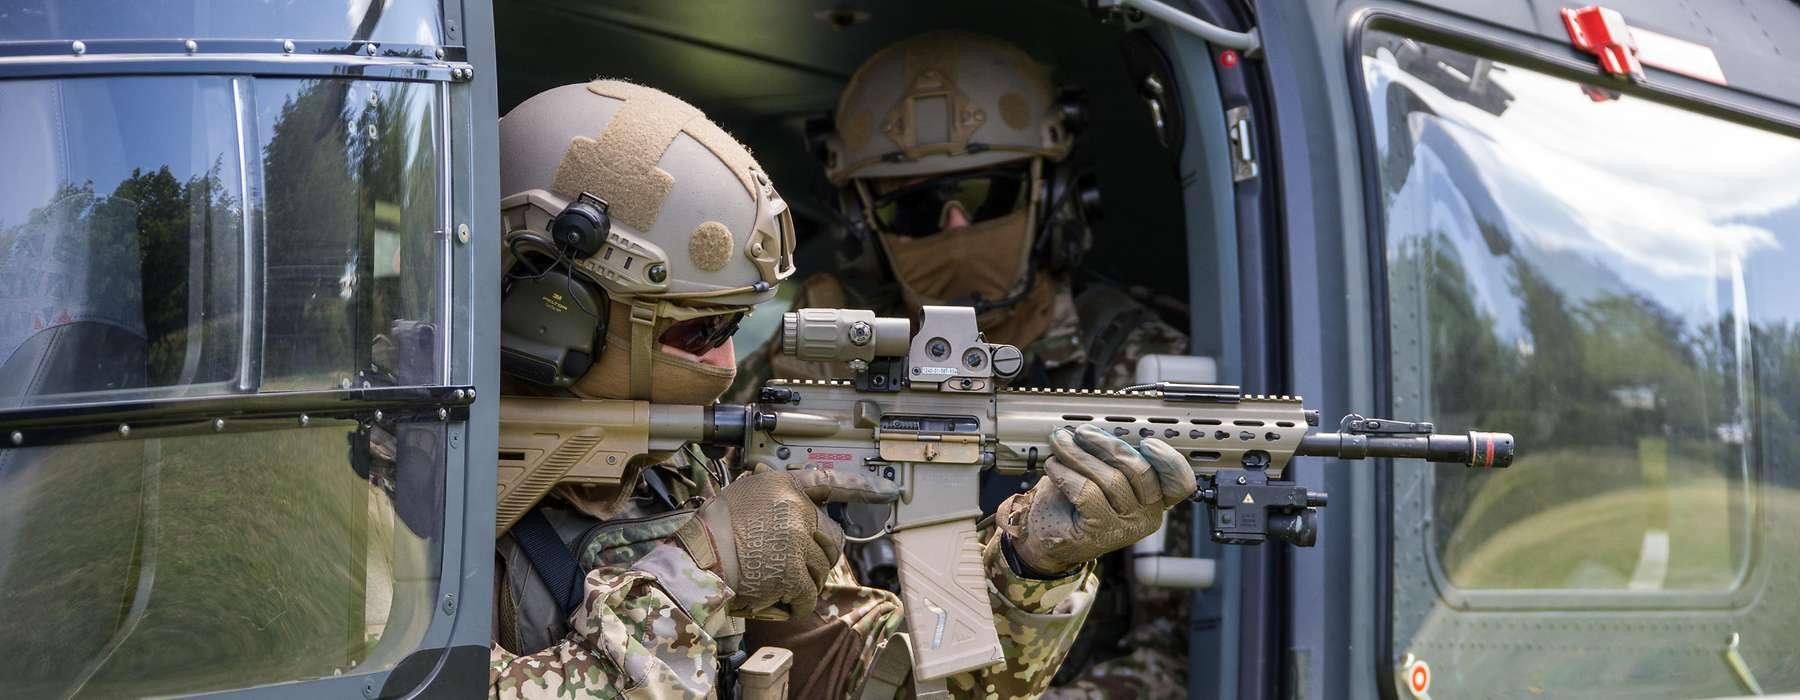 Немецкое Командование специальных операций будет реорганизовано из-за правого ksk-soldaten-im-hubschrauber